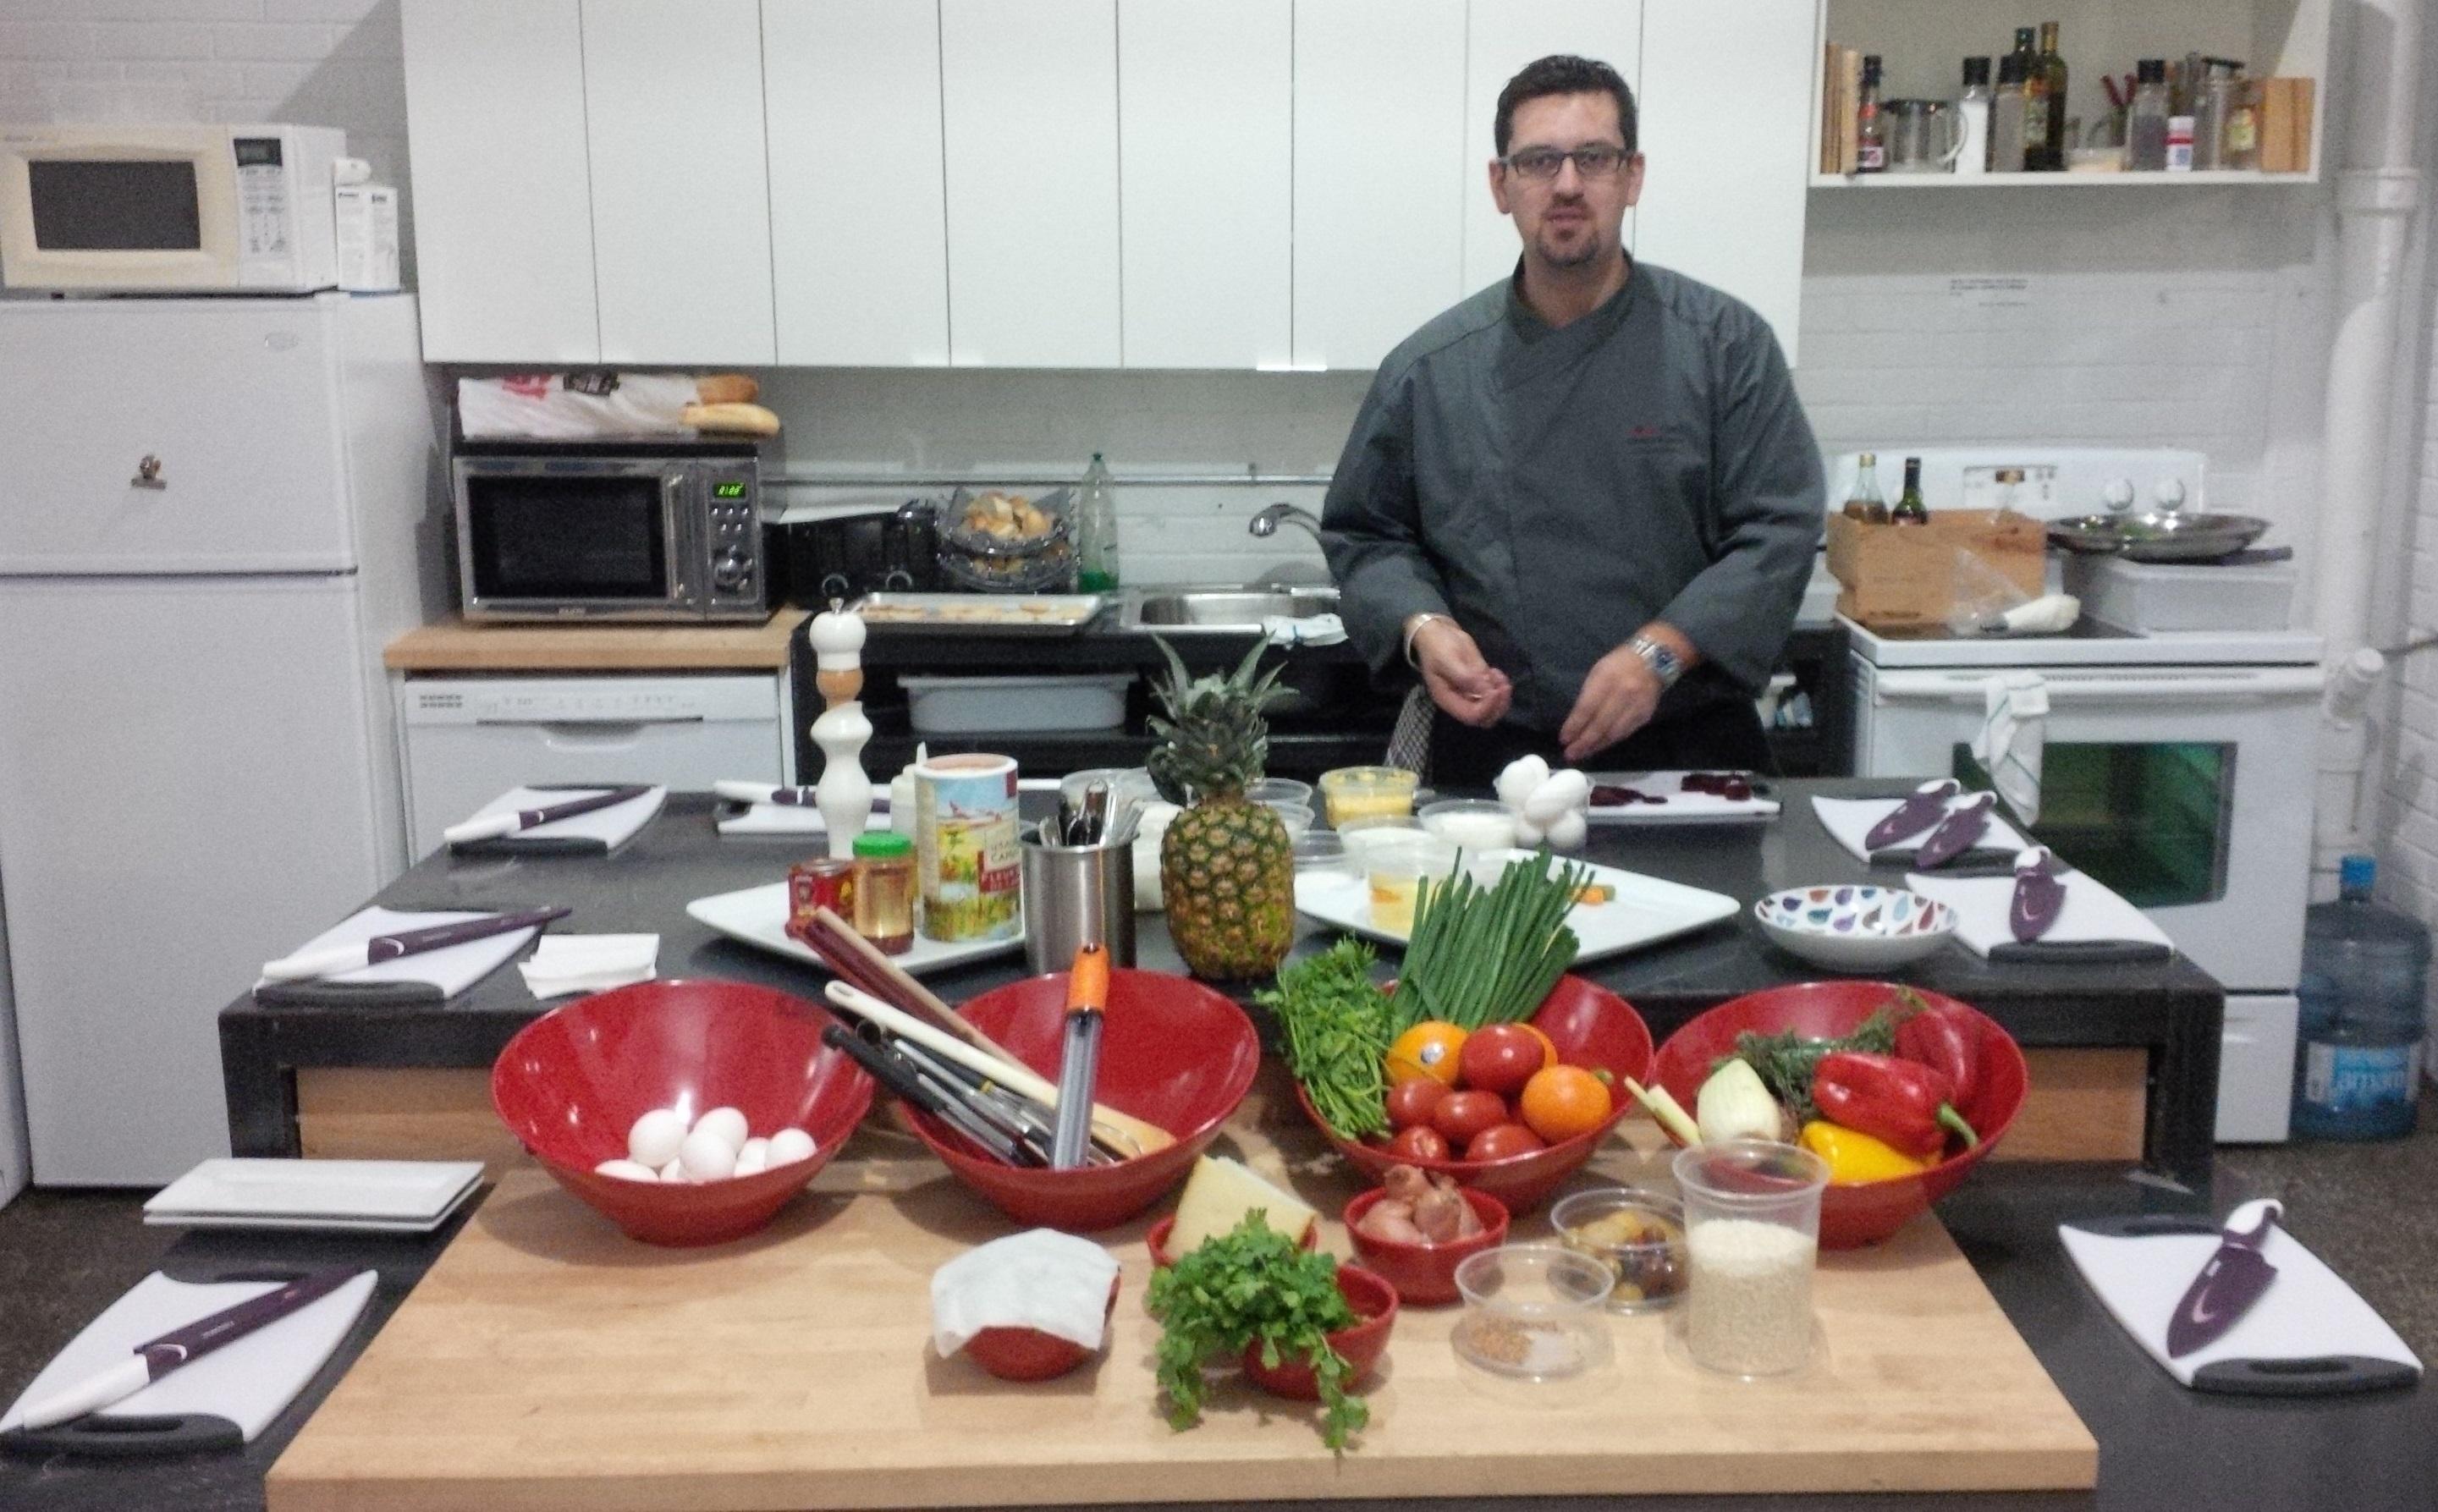 Cours de cuisine mobilochefmobilochef - Cours de cuisine versailles ...